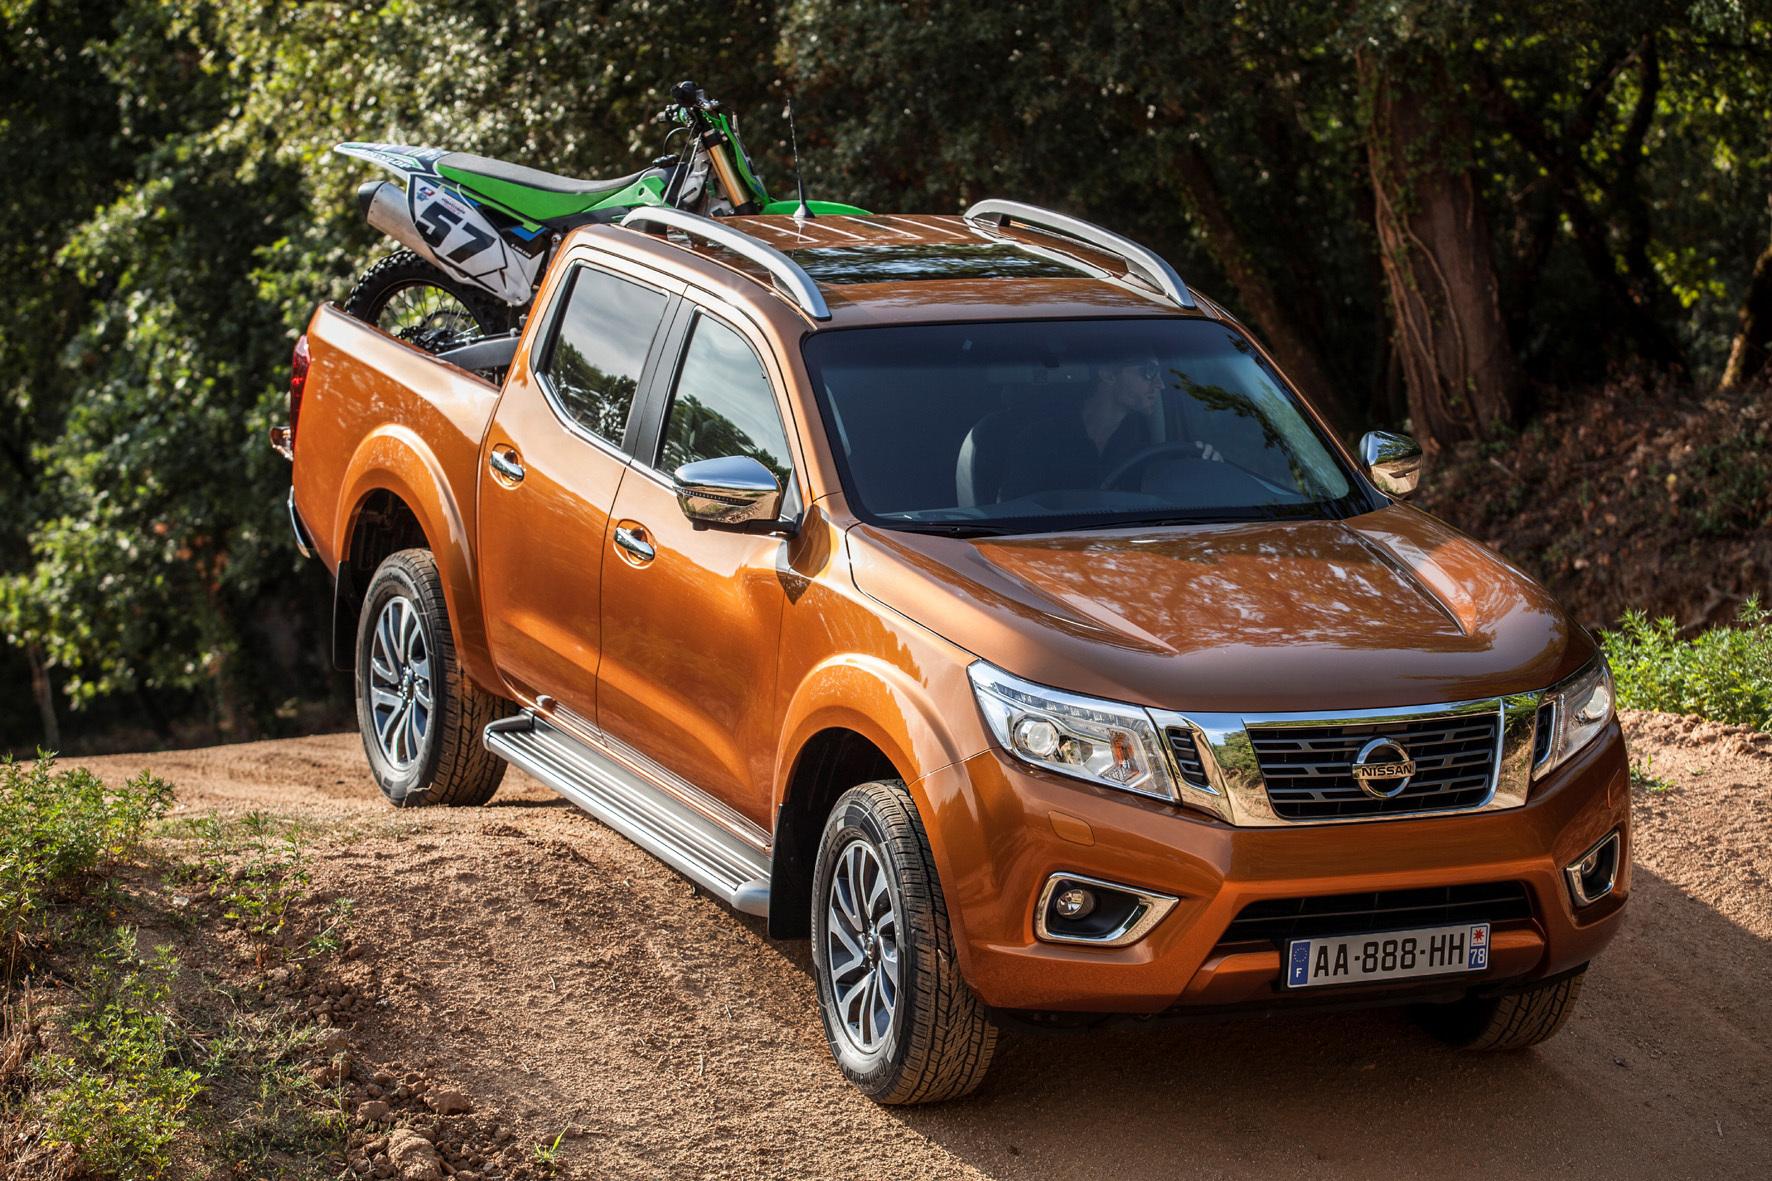 mid Mallorca - Arbeitstier im schicken Gewand: Der Nissan Navaran orientiert sich optisch und in Sachen Komfort deutlich an den Pkw-Modellen der Marke.